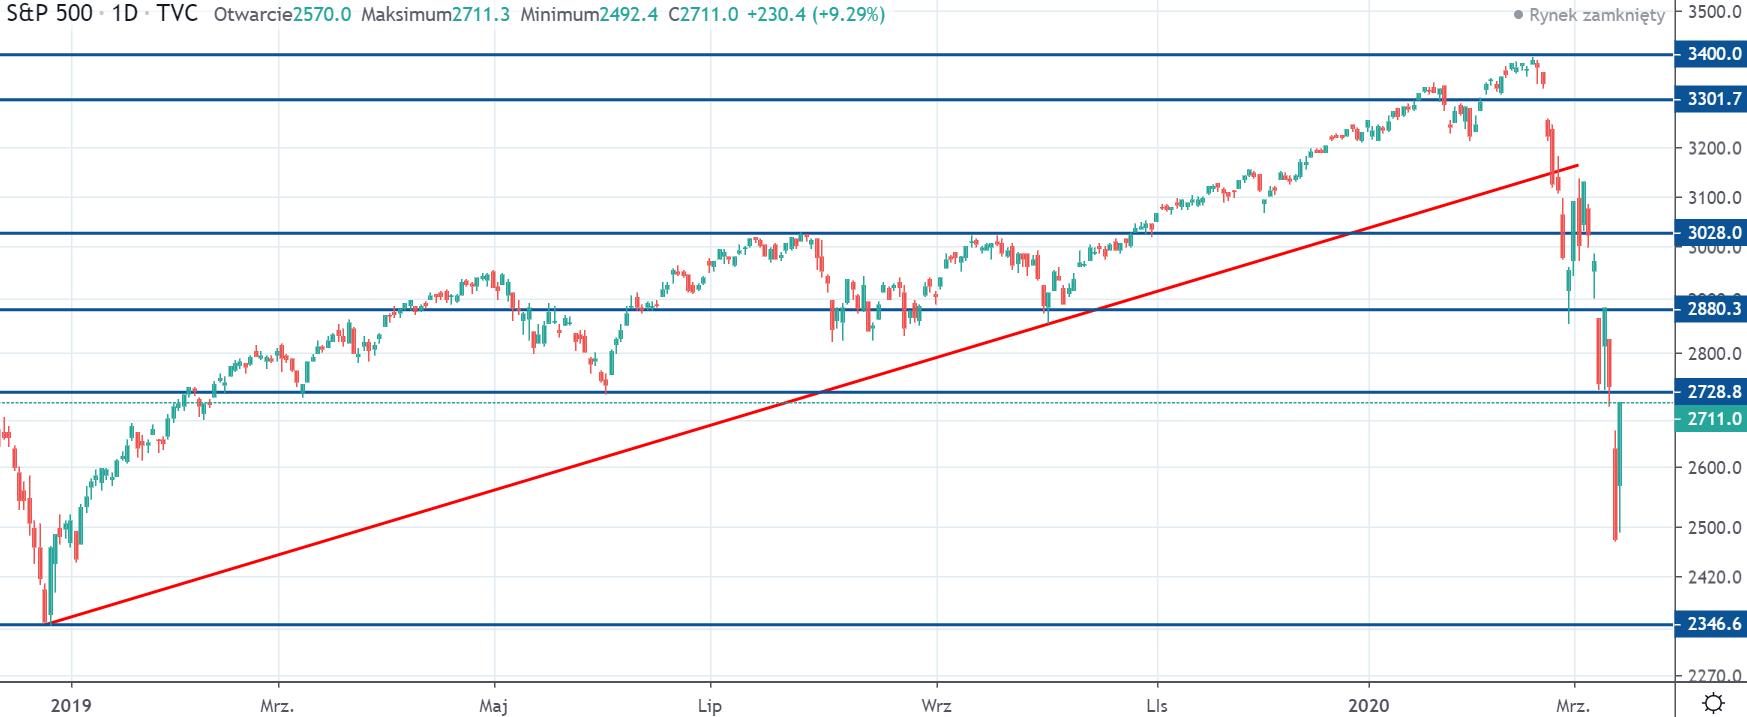 S&P 500 Kurs